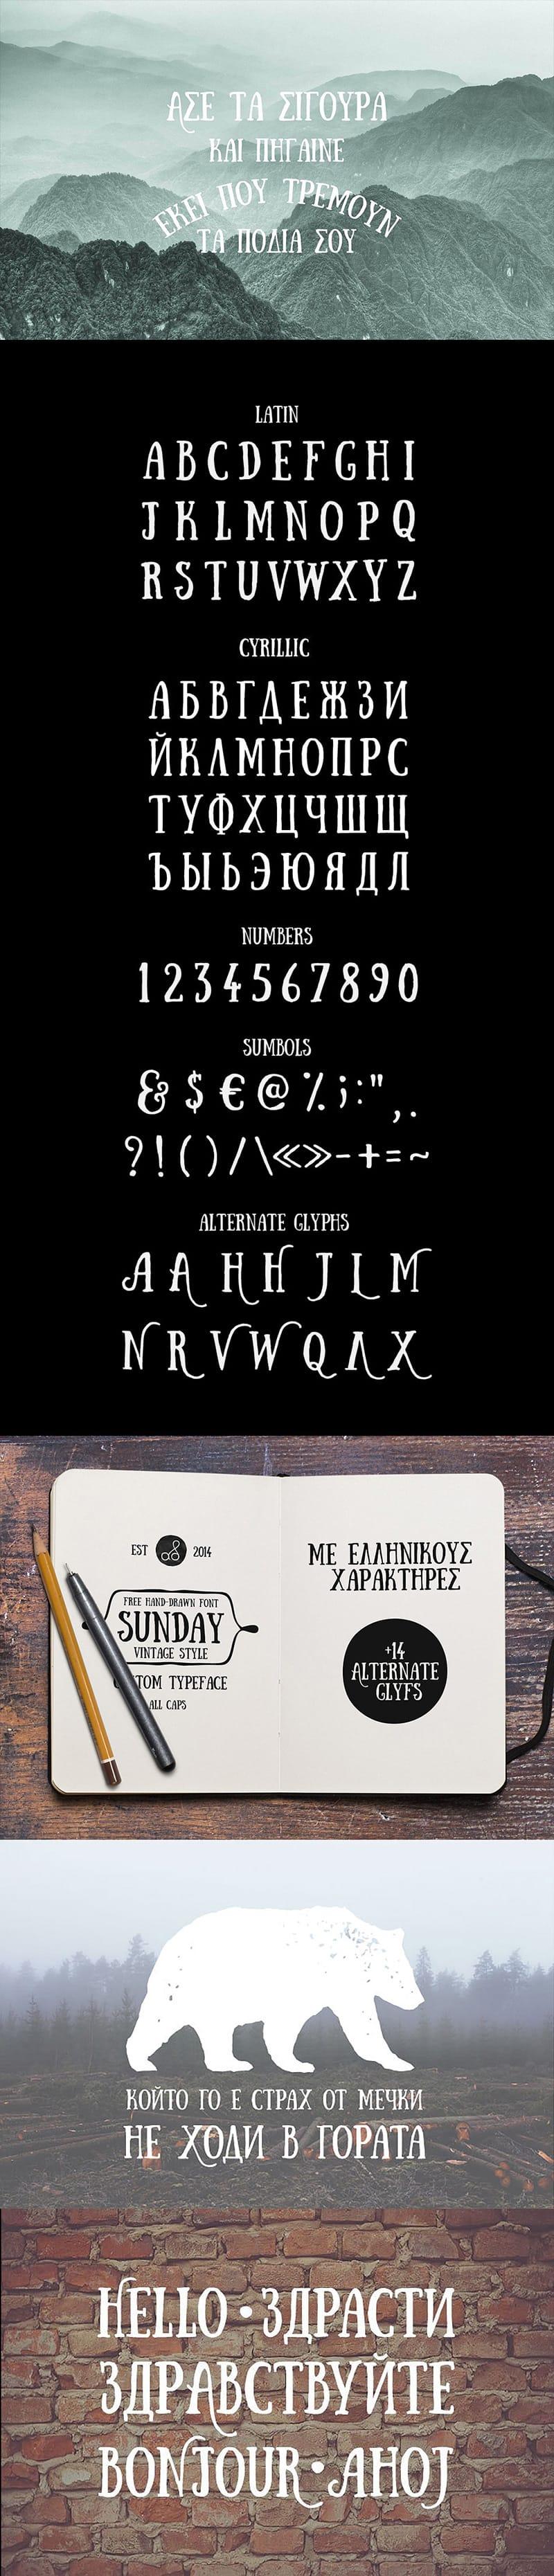 Font Sunday